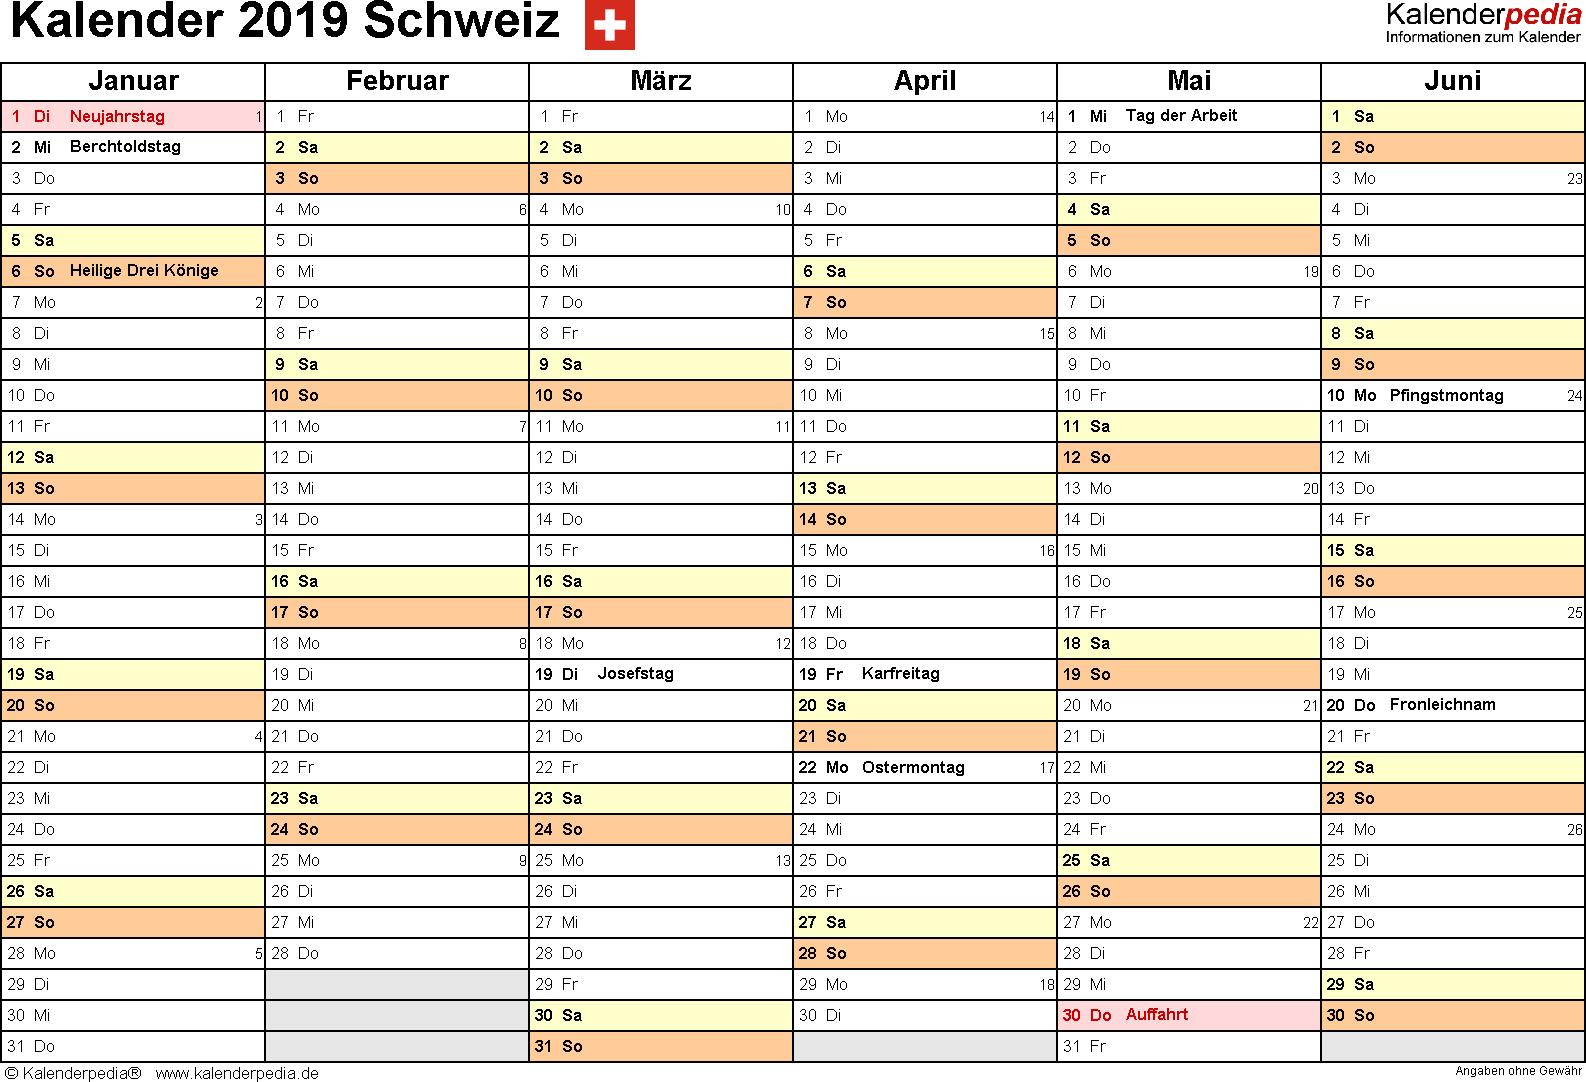 Vorlage 3: Kalender 2019 für die <span style=white-space:nowrap;>Schweiz als PDF-Datei, Querformat, 2 Seiten, 1. Halbjahr (Januar bis Juni 2019) & 2. Halbjahr (Juli bis Dezember 2019) auf einen Blick